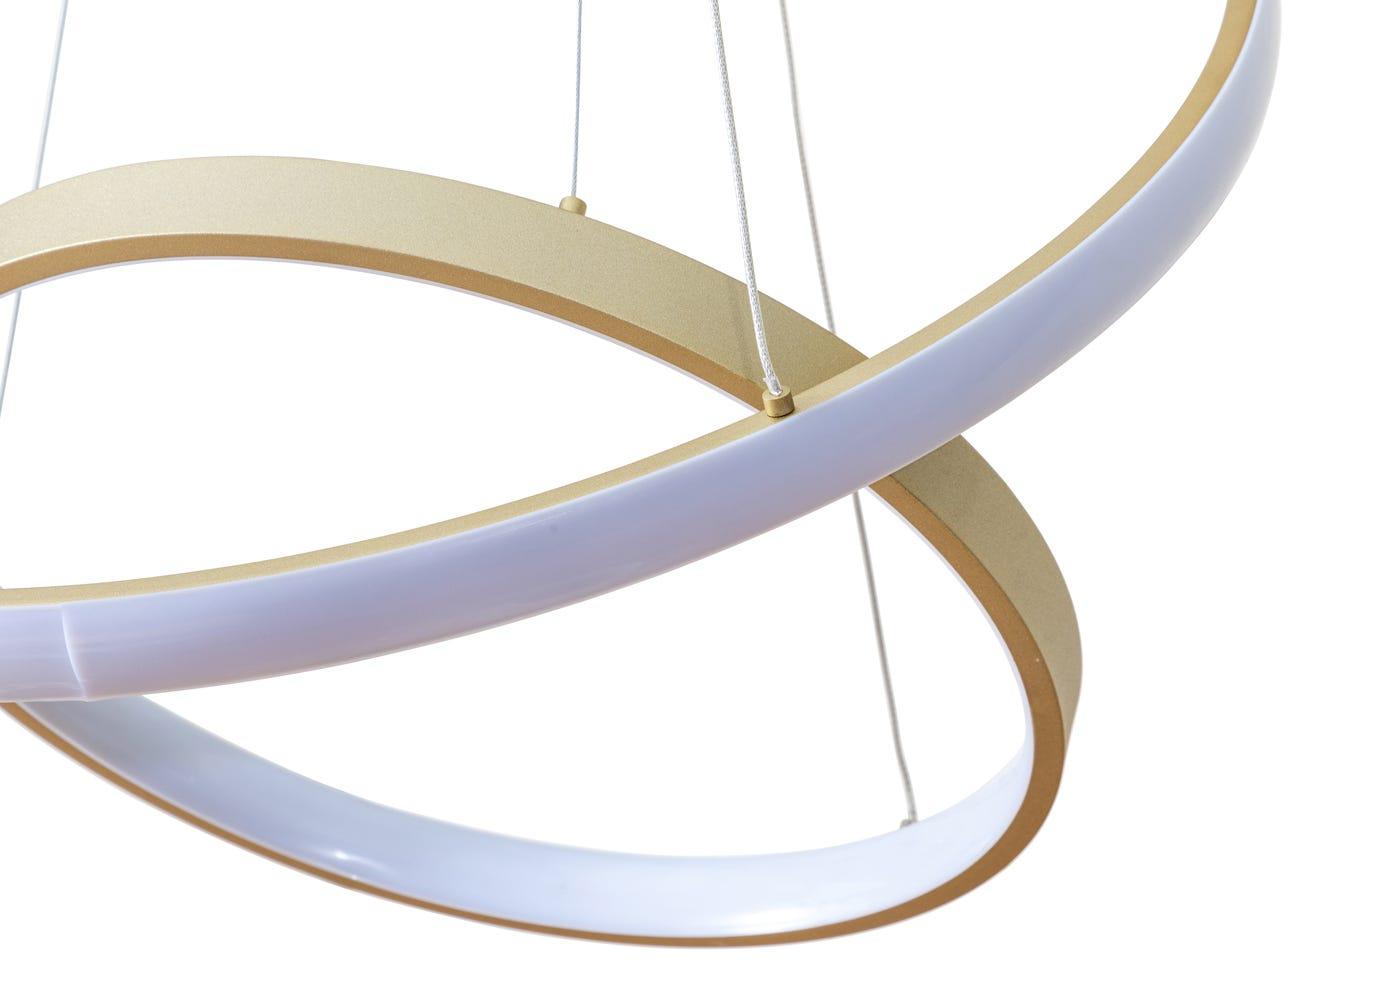 As shown: Circa's interlocking ring design.